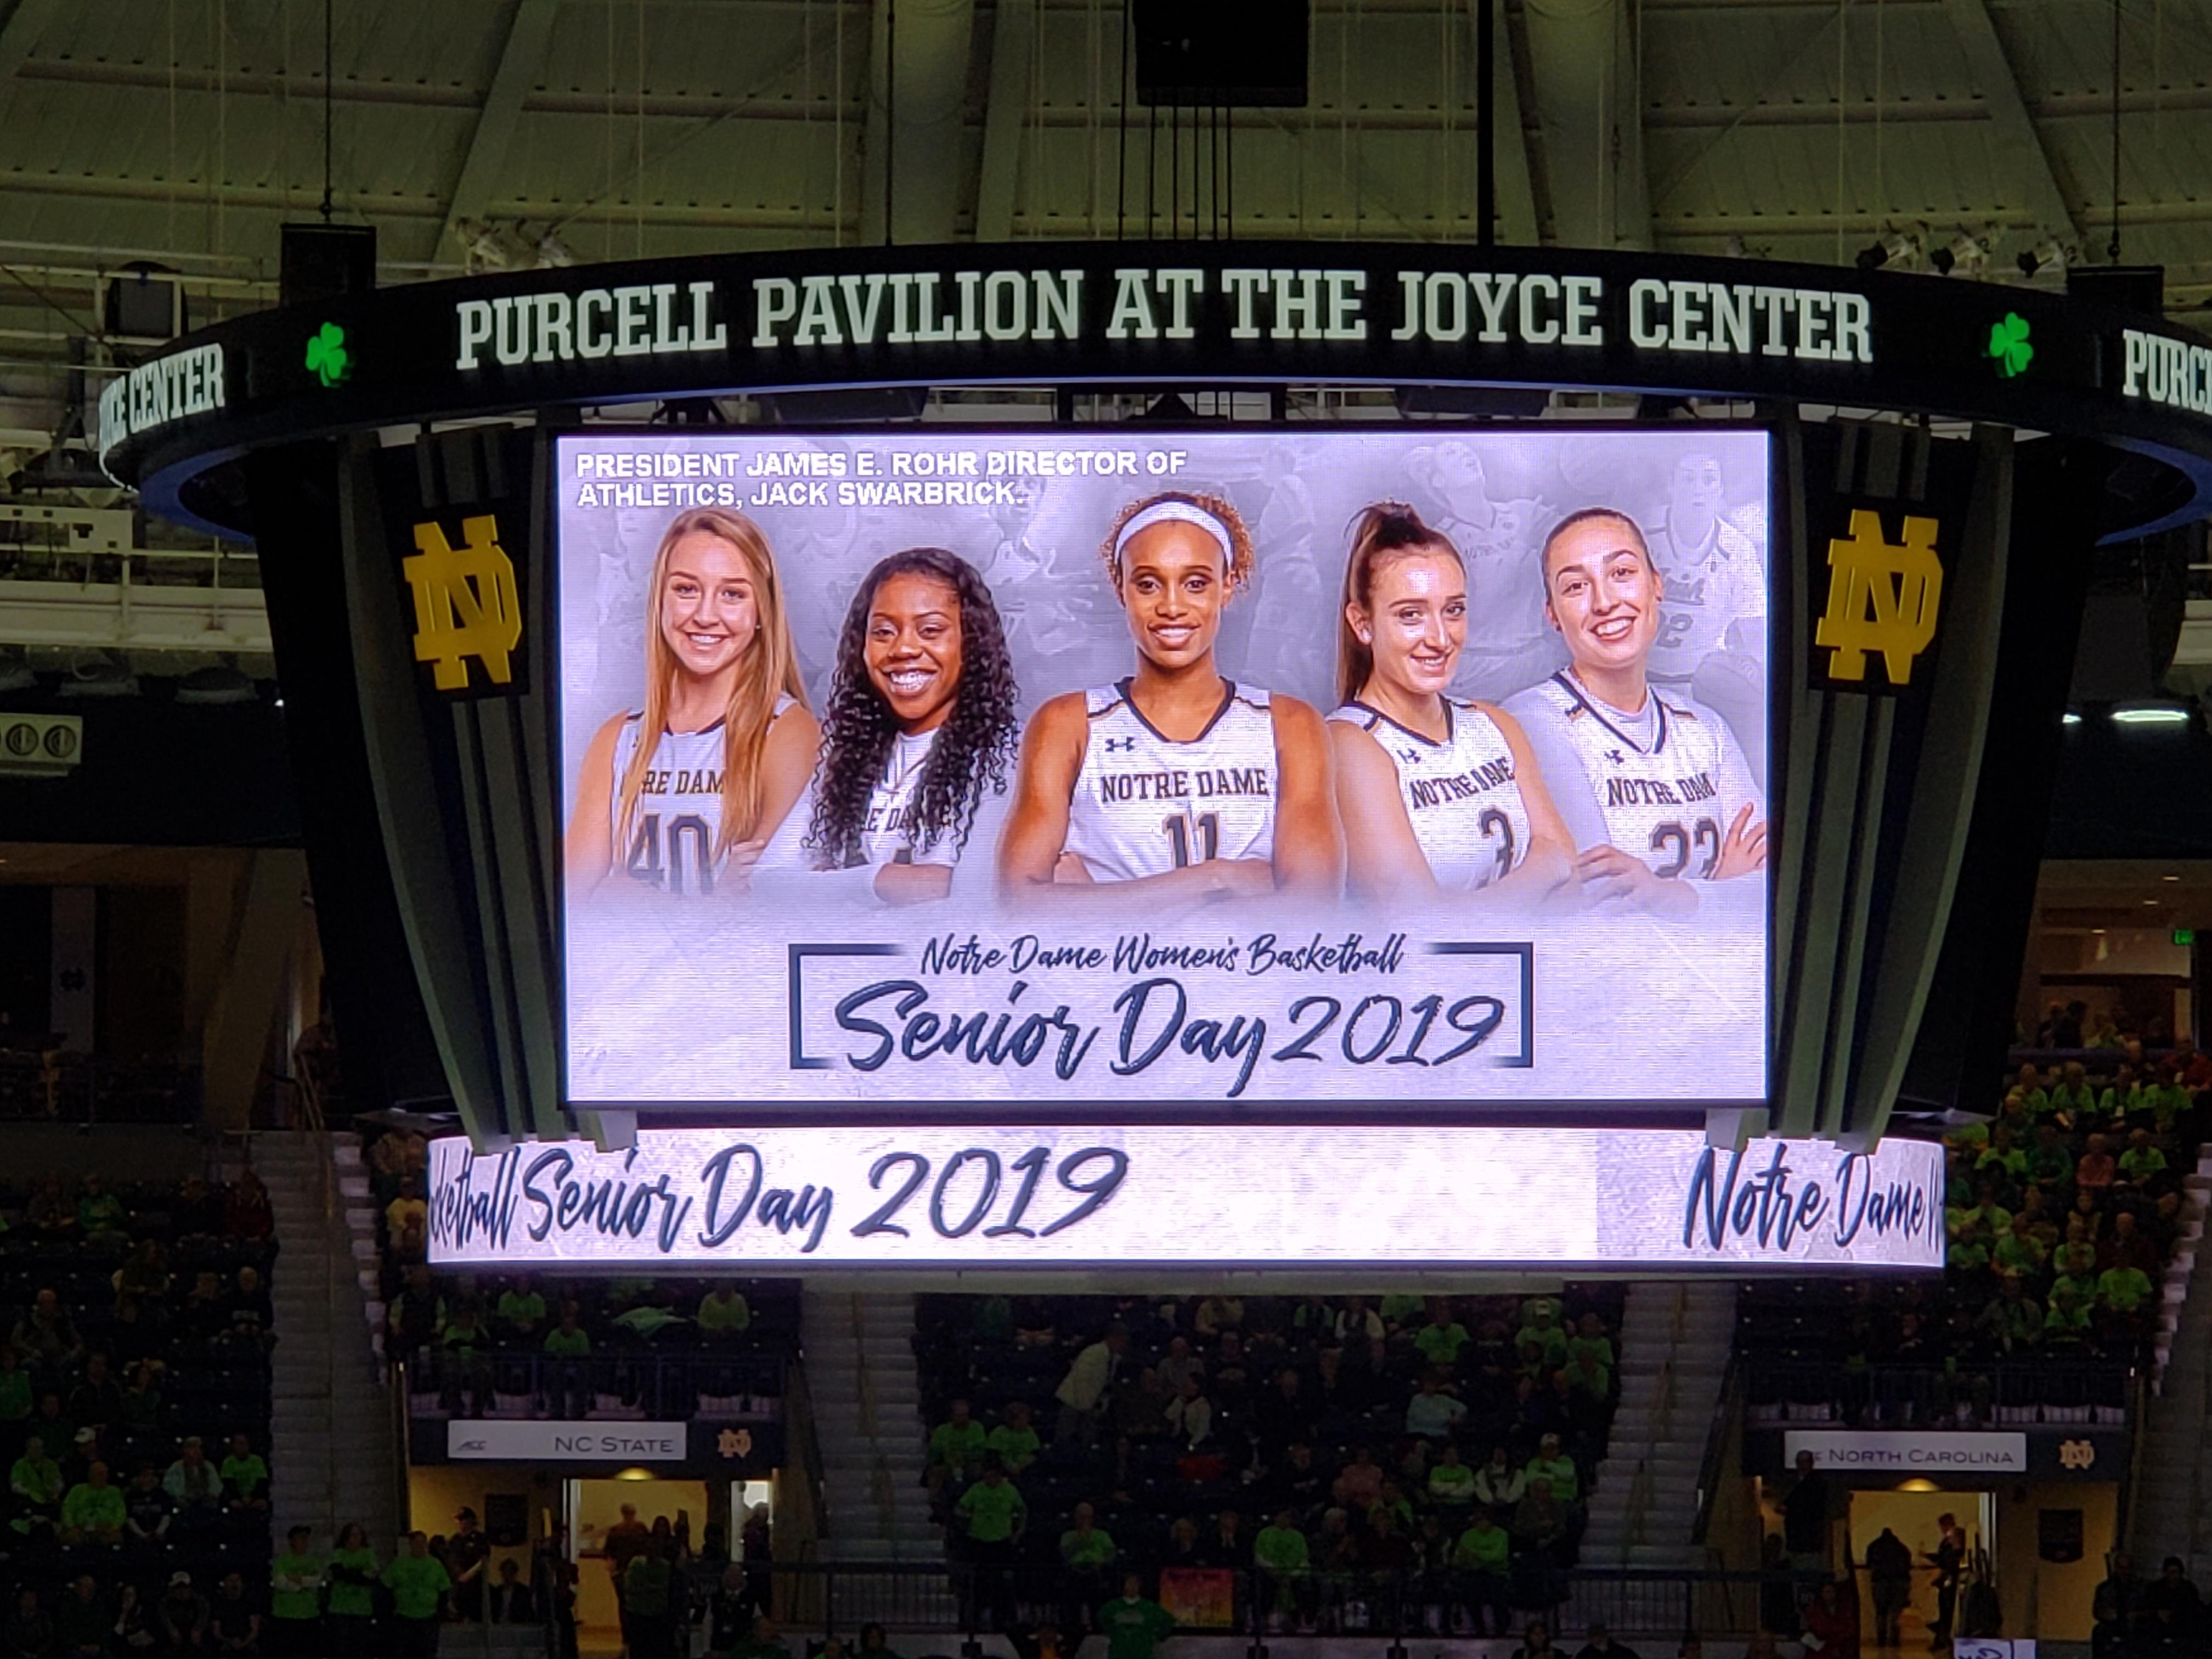 ND Women's Basketball: Senior Day!